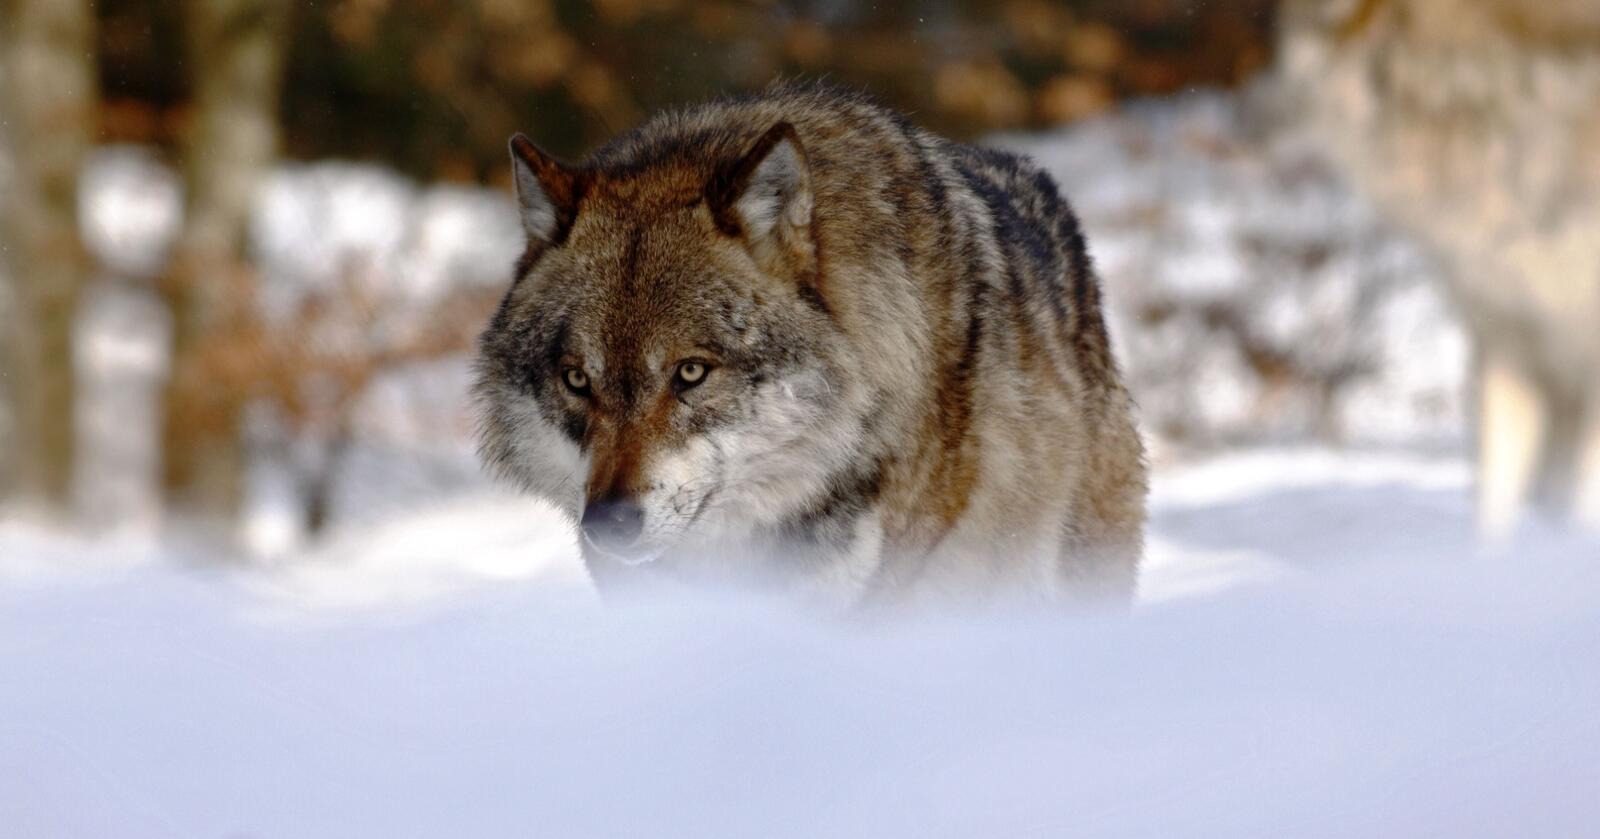 I strid: Naturvernforbundet mener at denne ulvejakten er i strid med Bernkonvensjonen, naturmangfoldloven og stortingsforlikene om norsk rovdyrpolitikk, skriver Arnodd Håpnes. Foto: Mostphotos